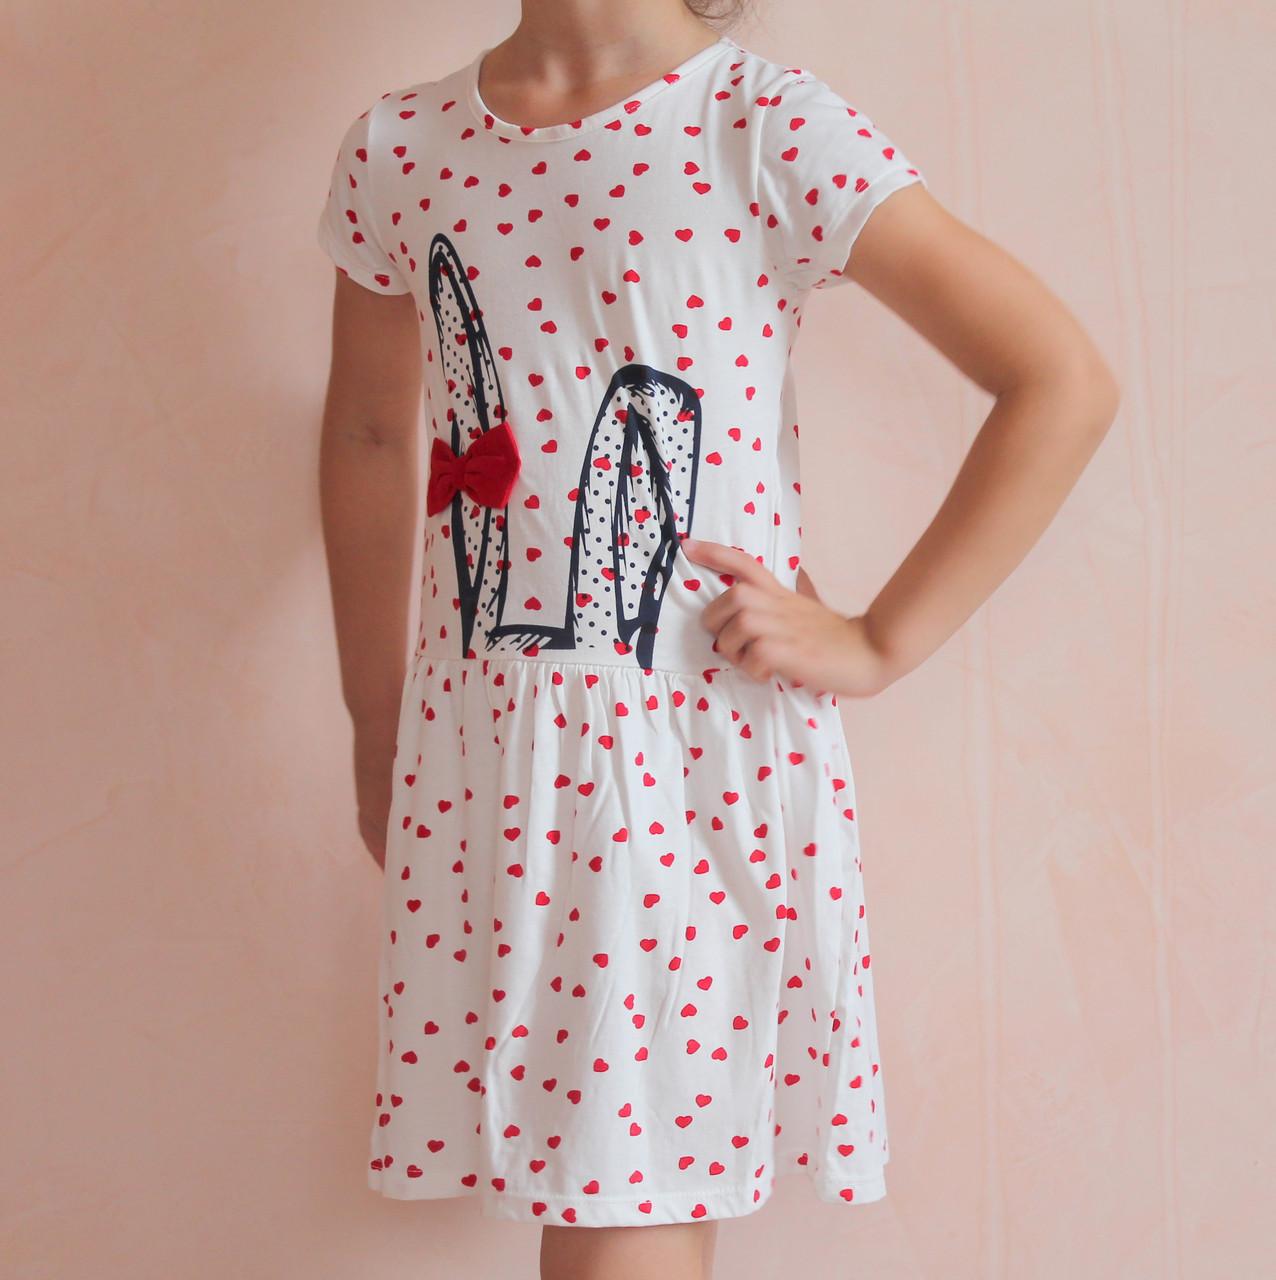 Сукня для дівчинки з коротким рукавом Вушка розмір 3-4 роки